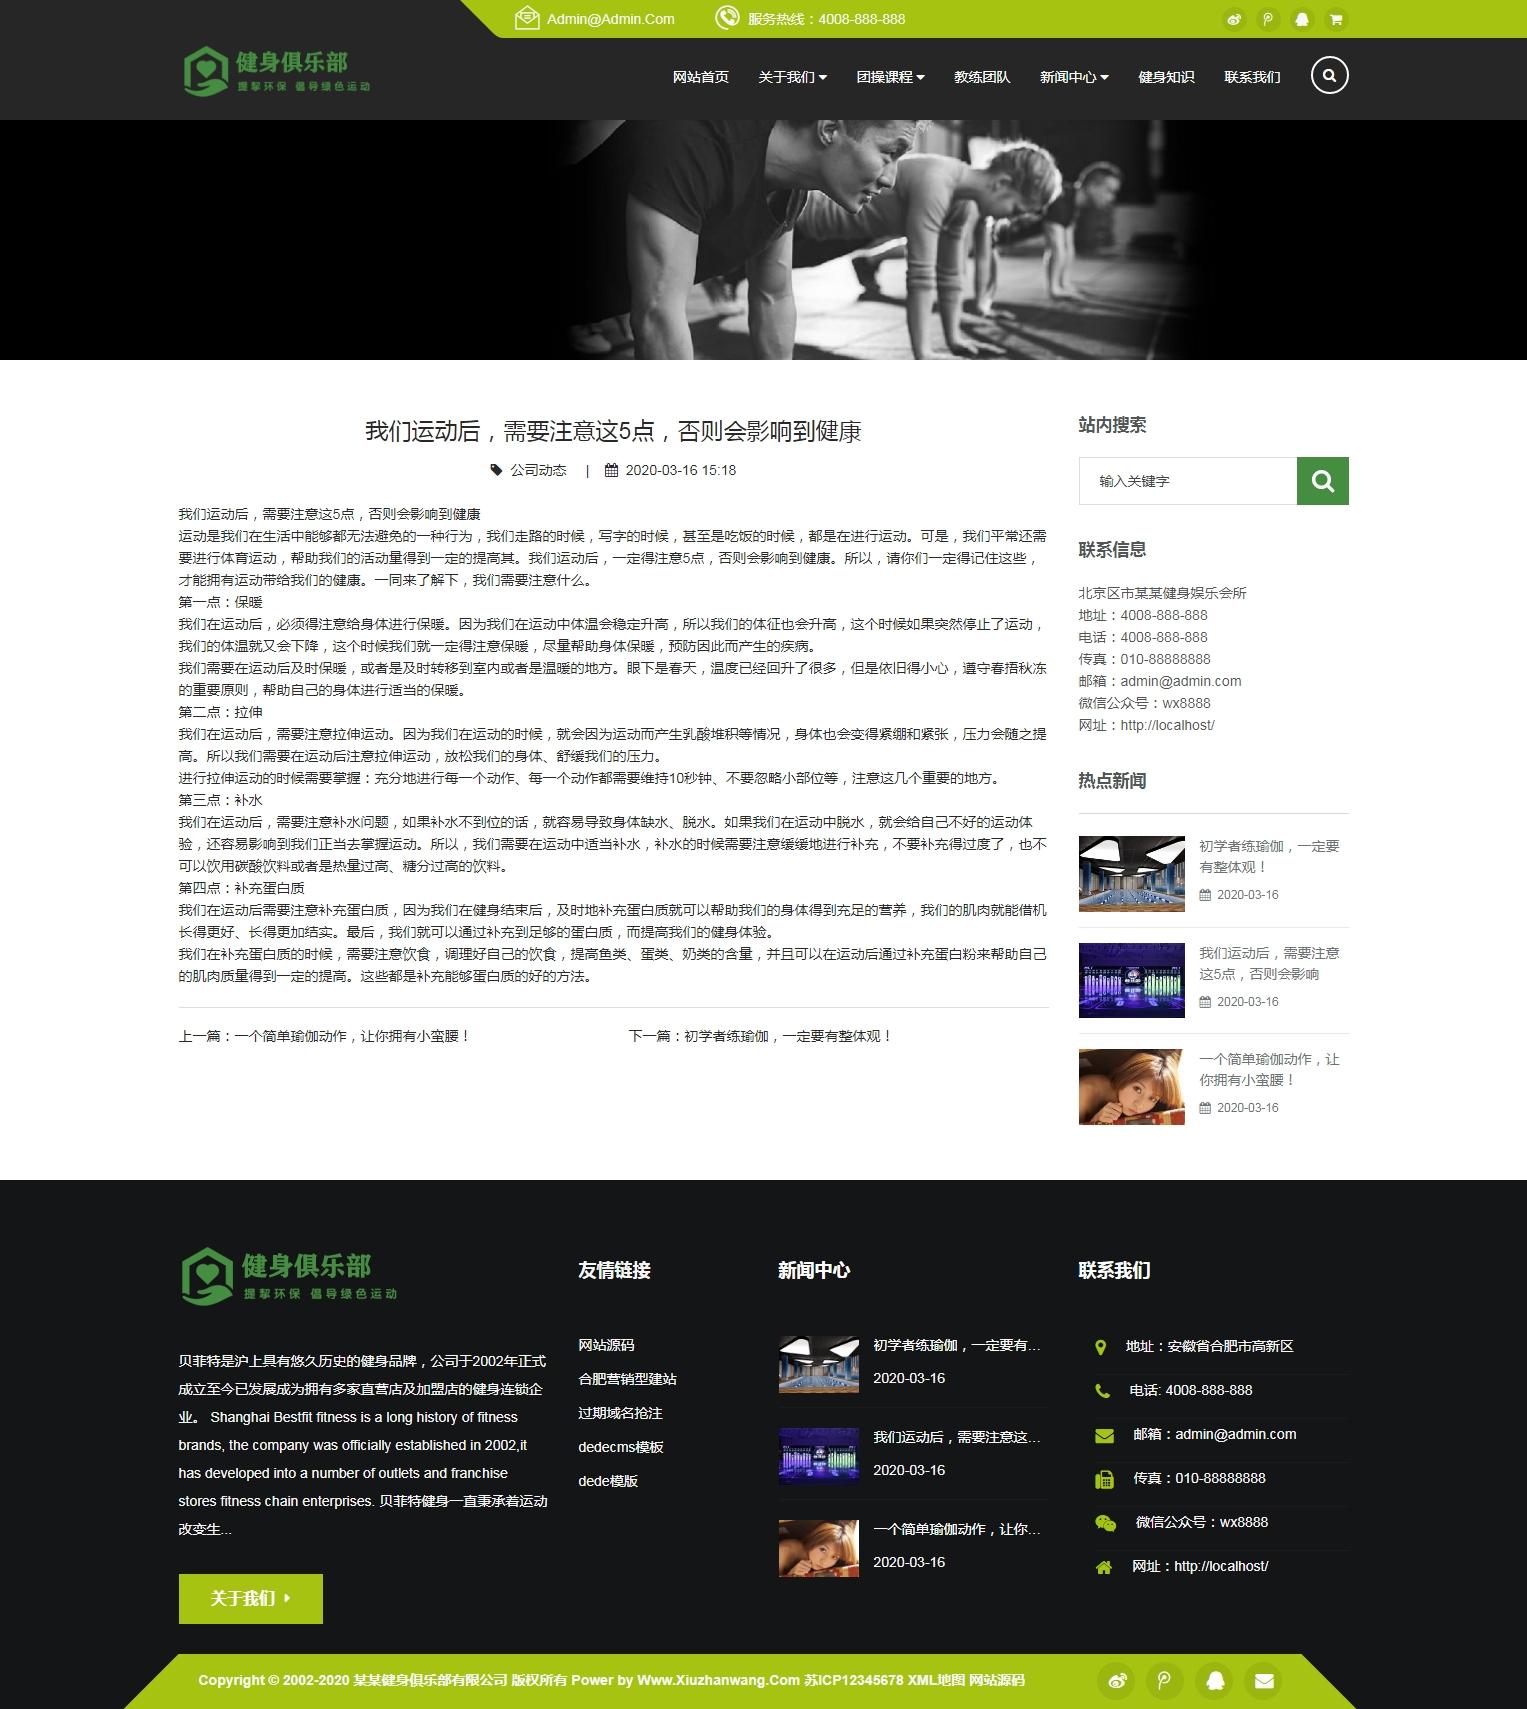 健身俱乐部系列txt 健身房特殊项目百度网盘